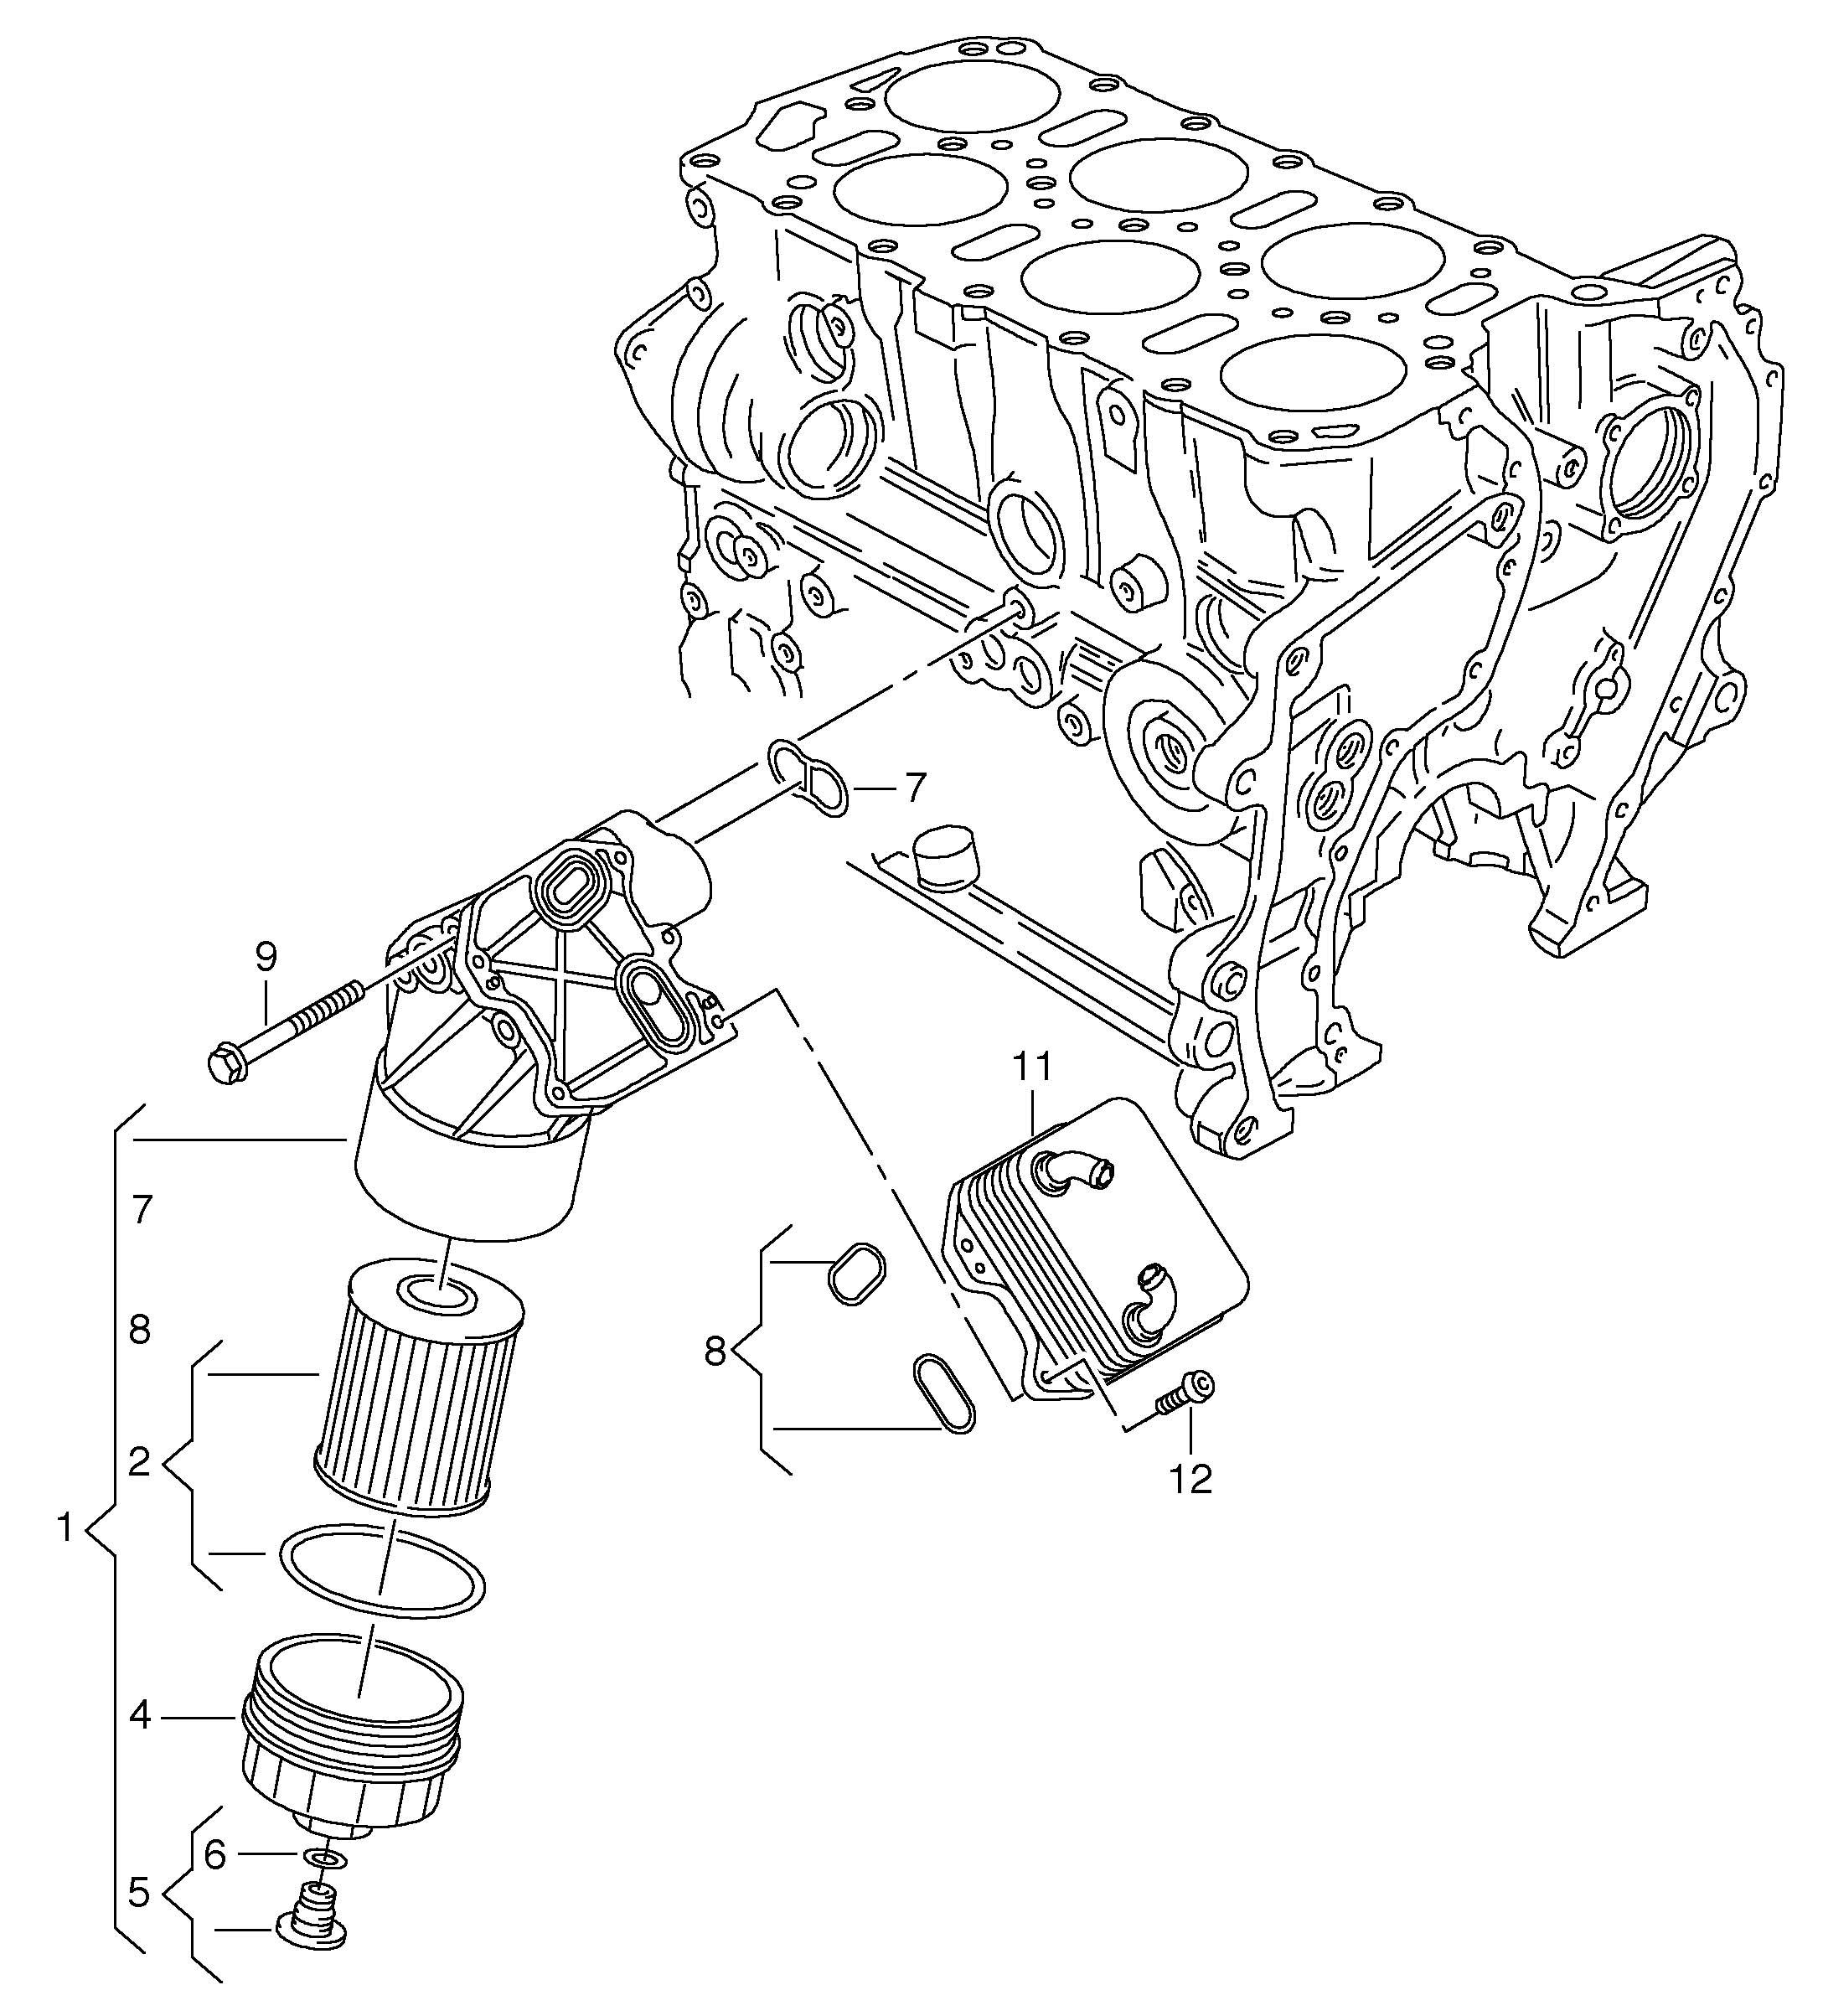 Volkswagen Oil Filter Oil Cooler 3 6ltr